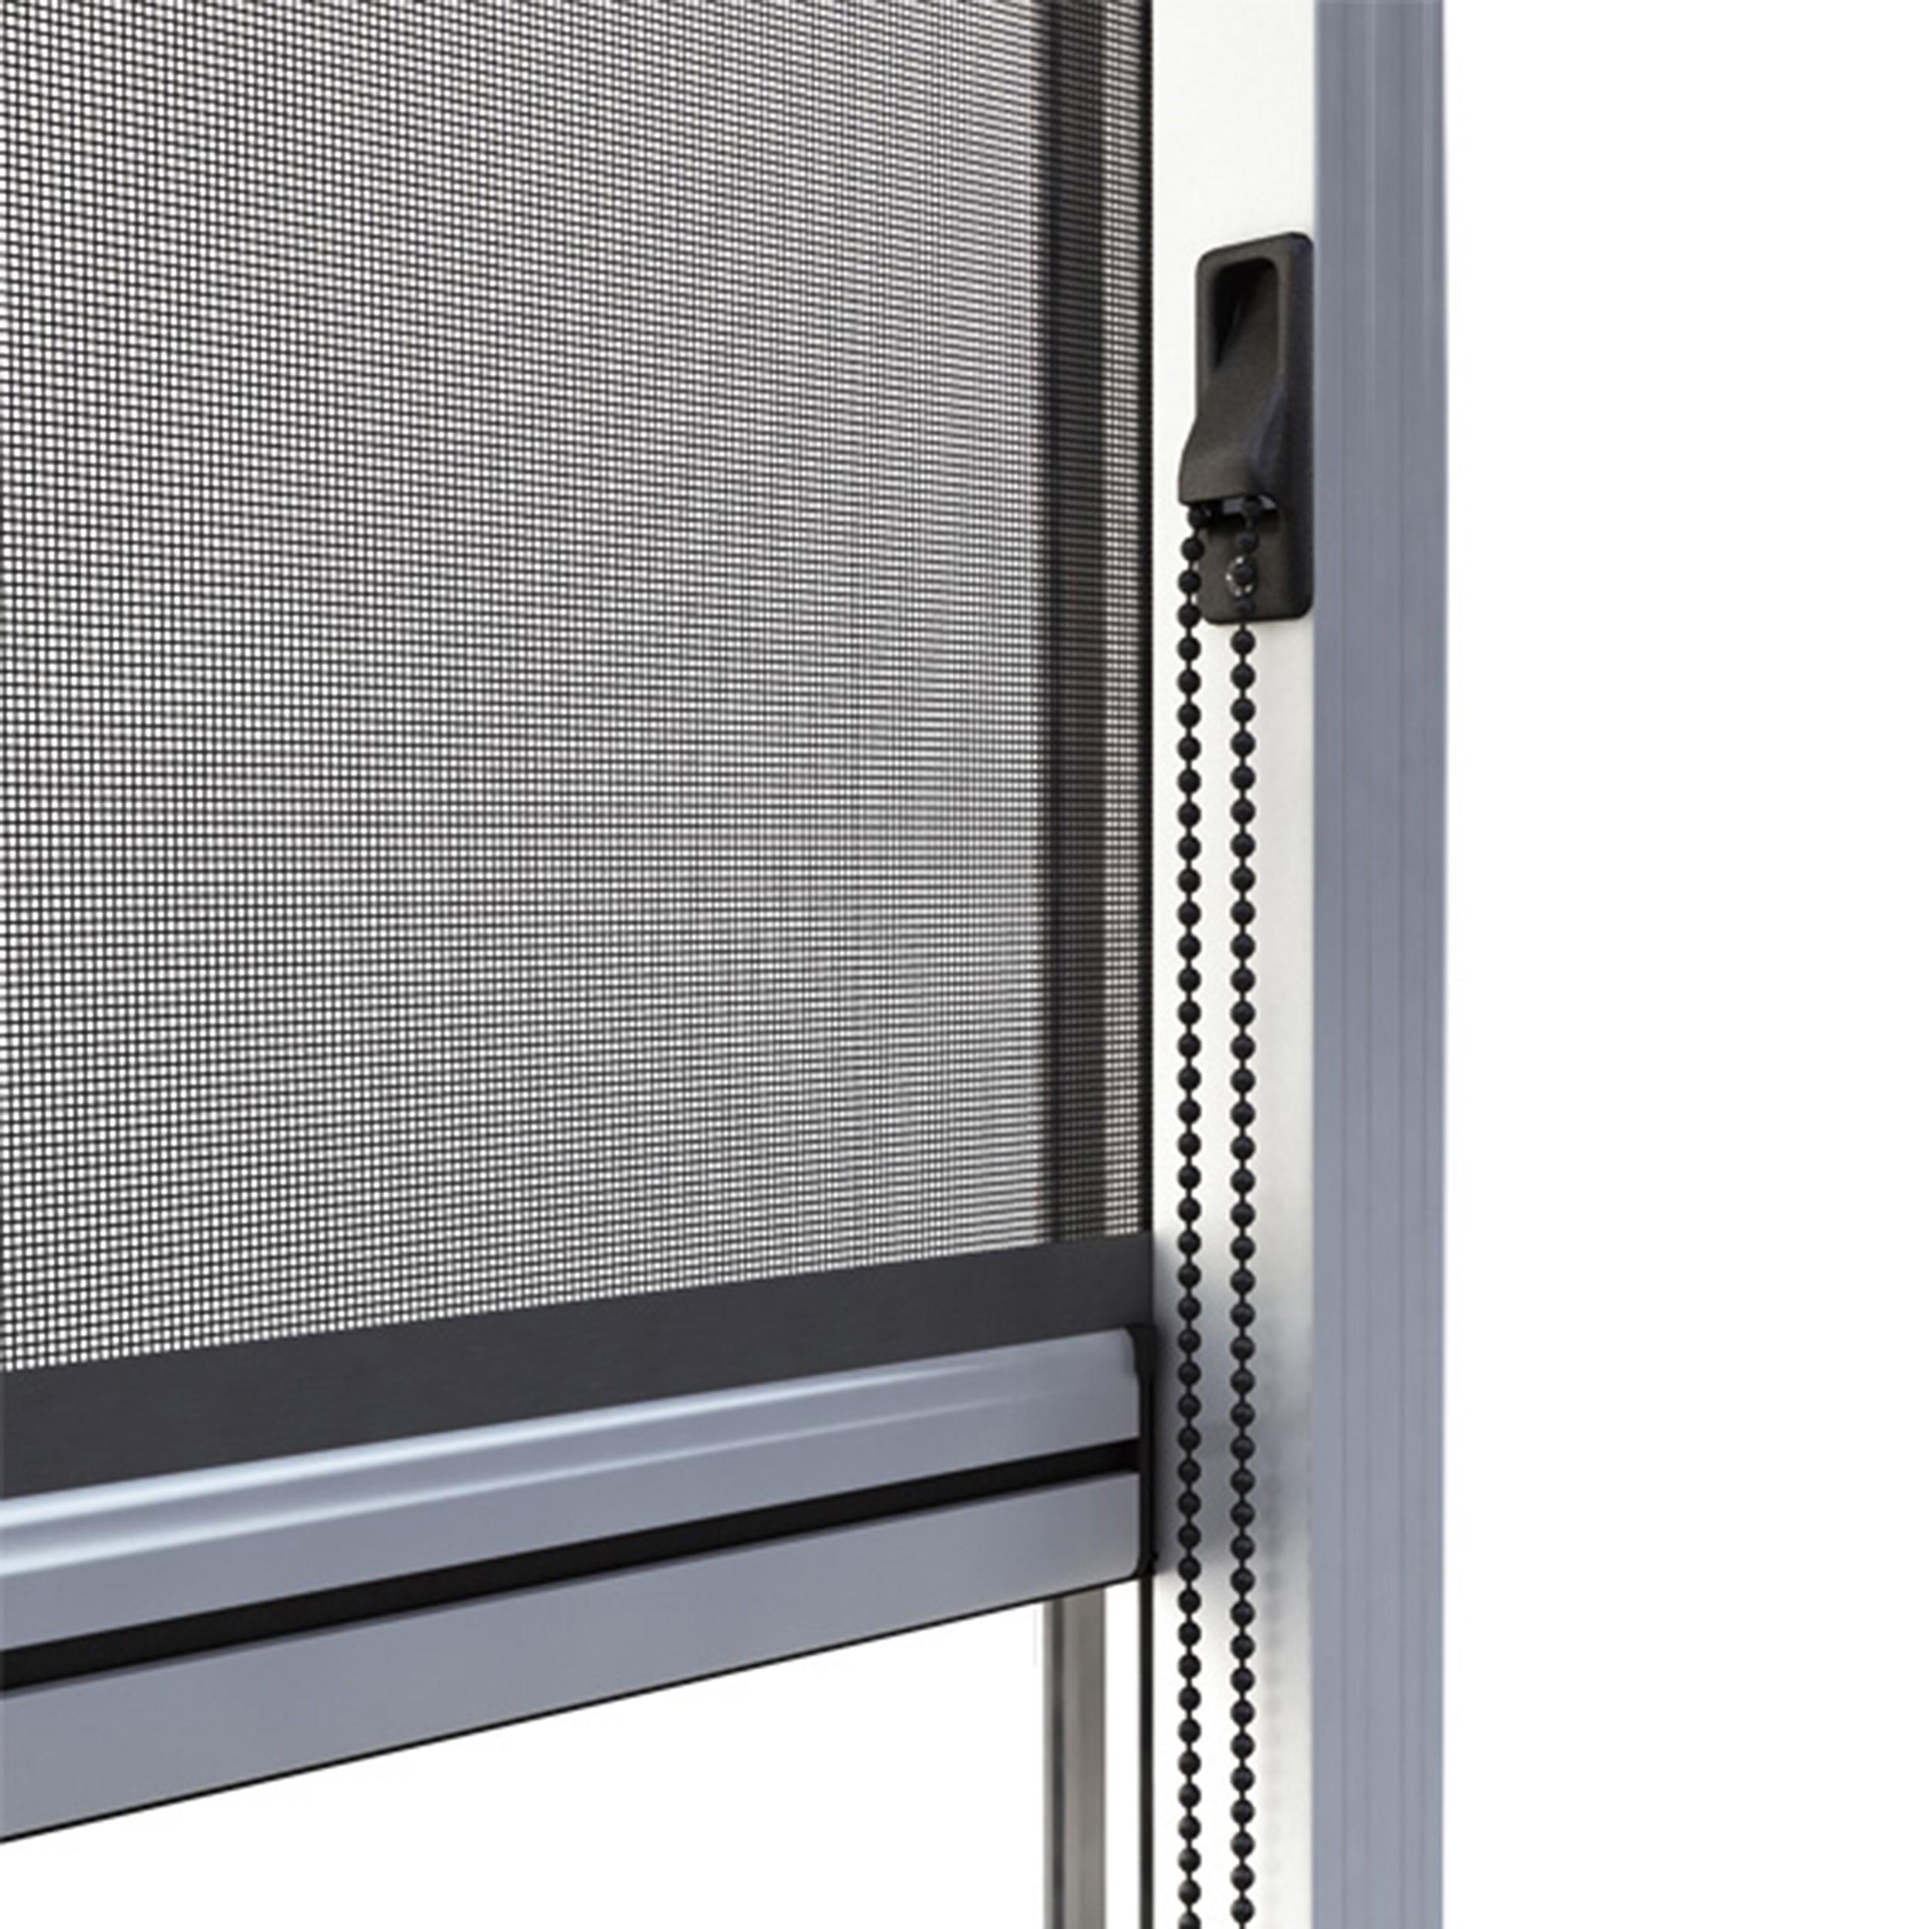 Zanzariere tecnal snc serramenti pavia - Zanzariere per finestre genova ...